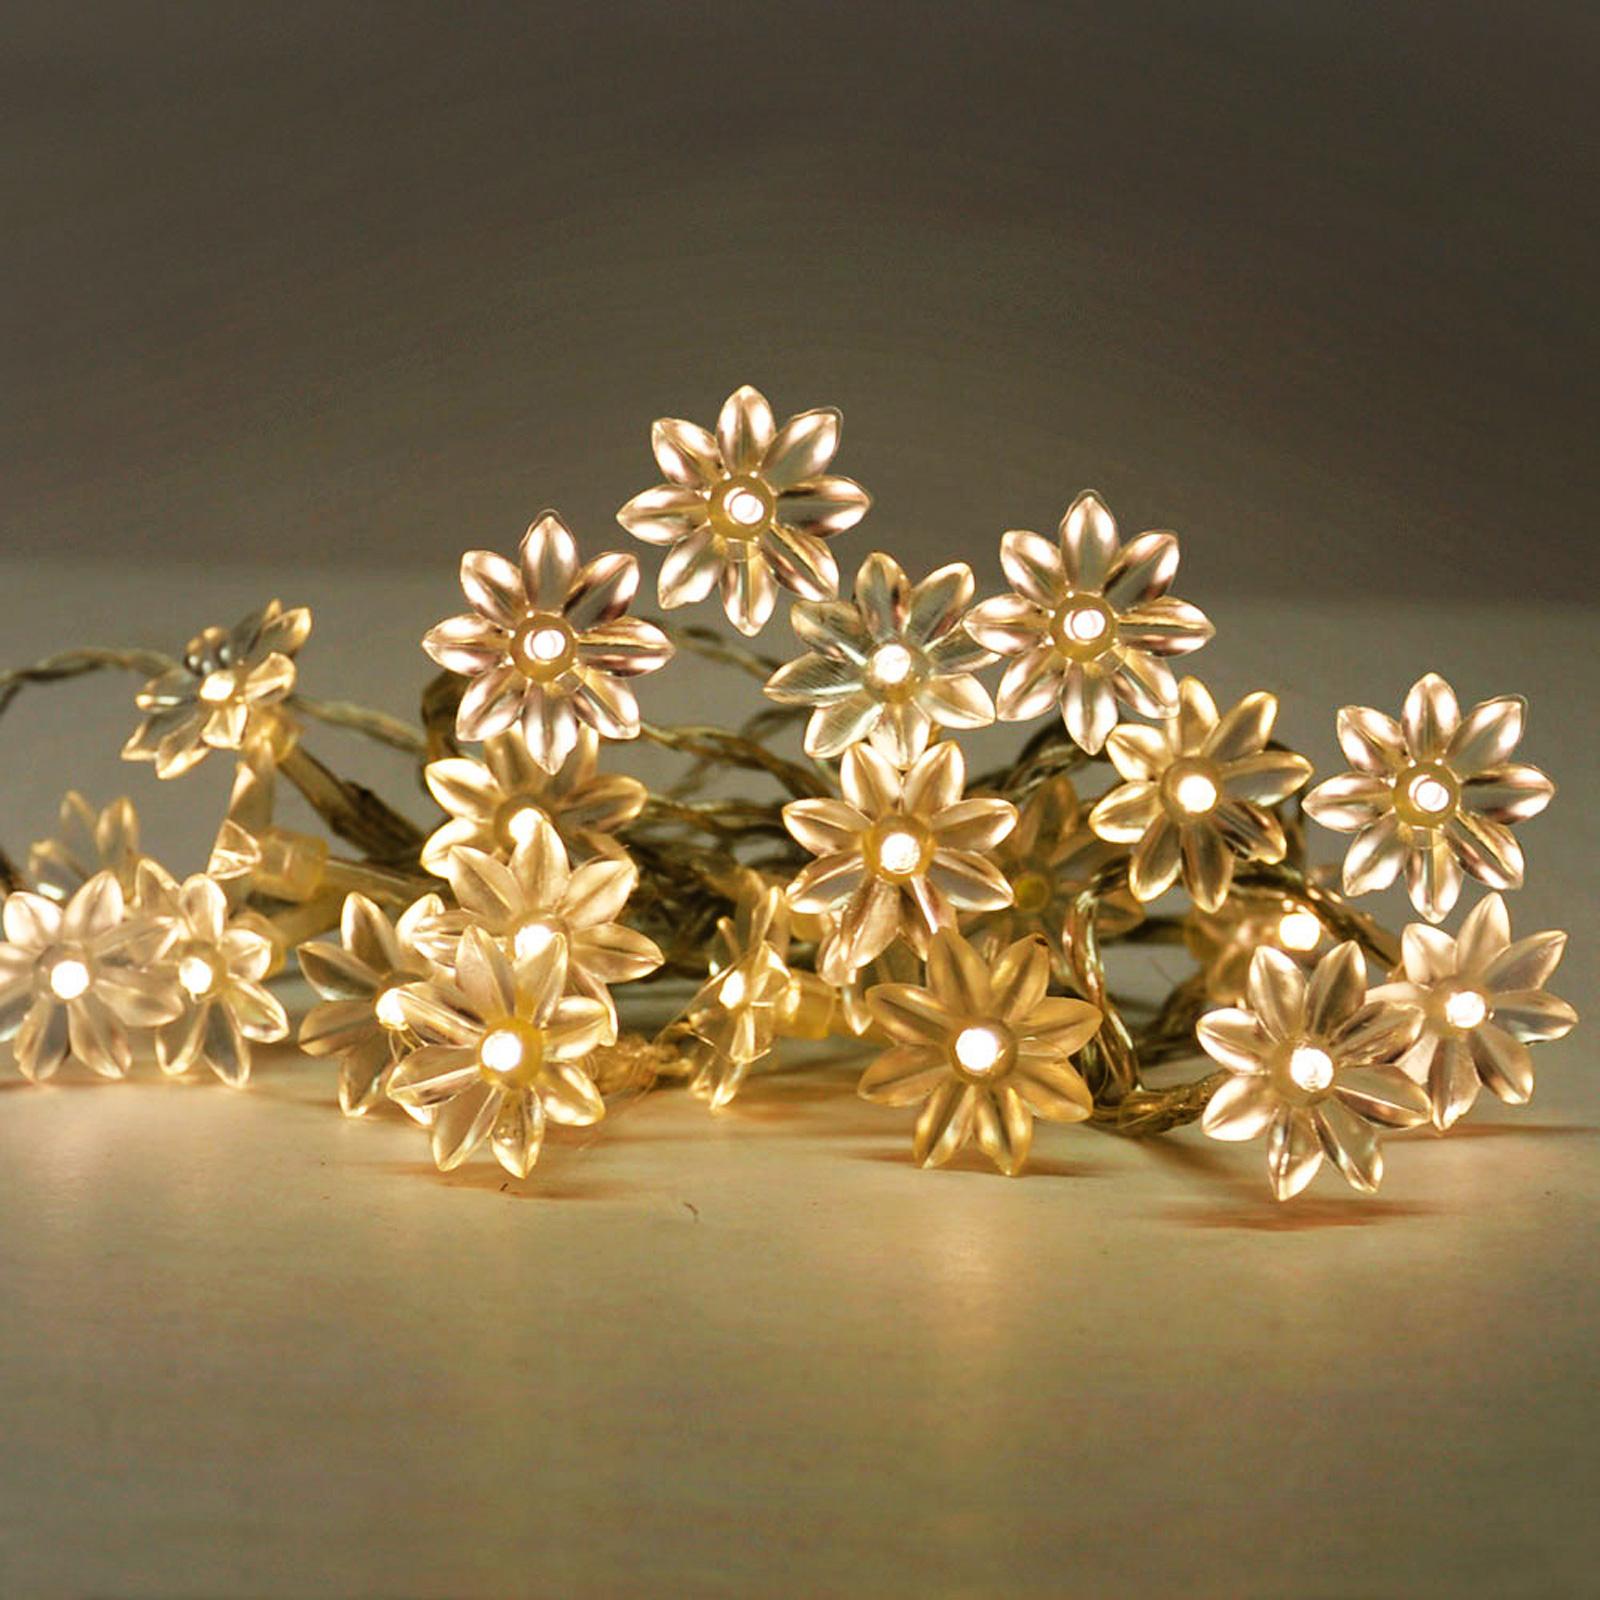 20 Led Sunflowers Warm White 16541